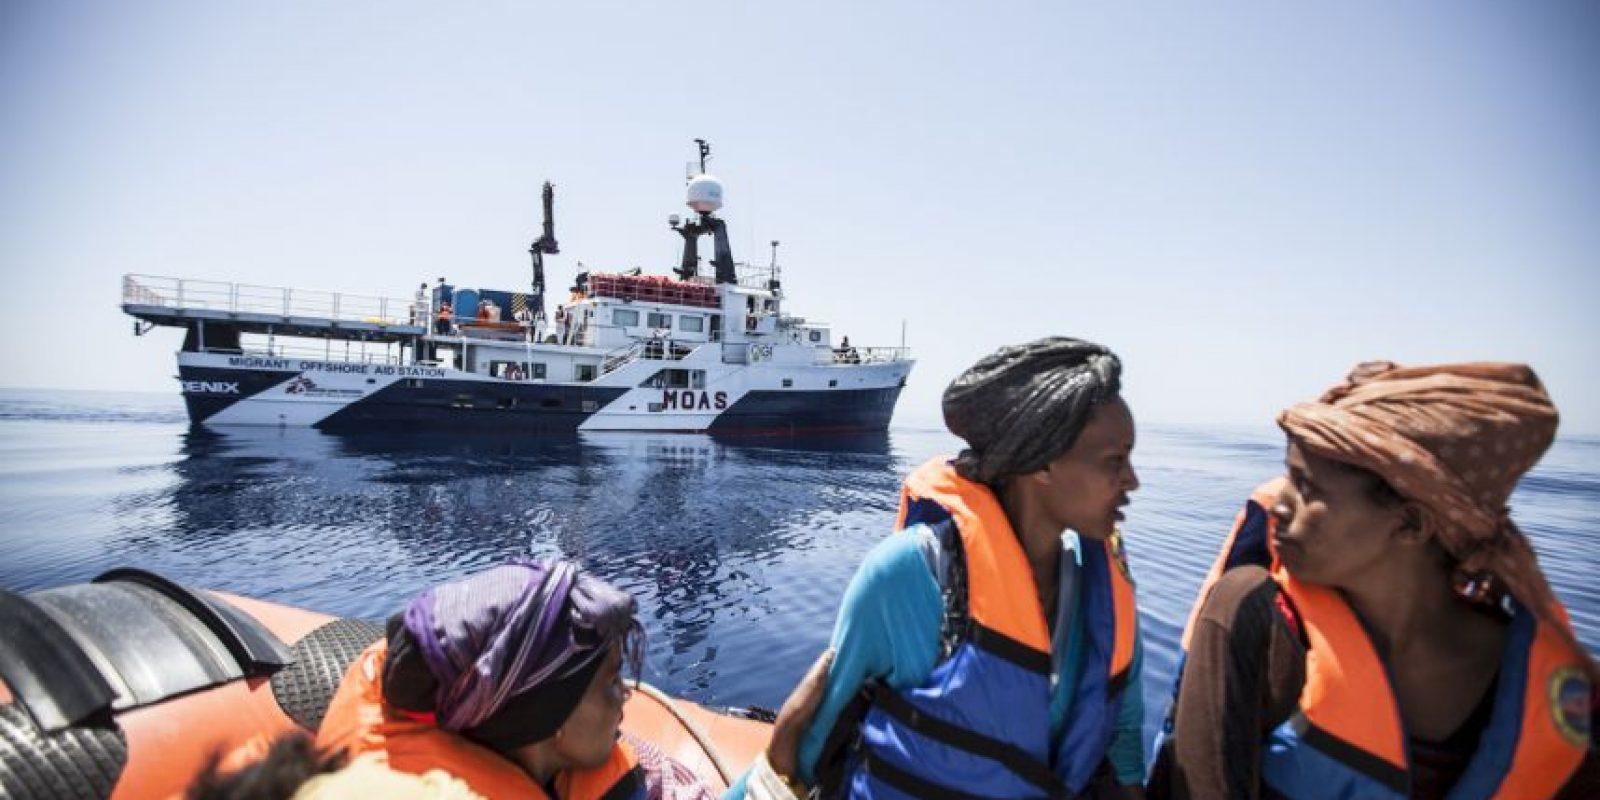 Las tensiones contra refugiados y migrantes han aumentado en los países europeos. Foto:AFP